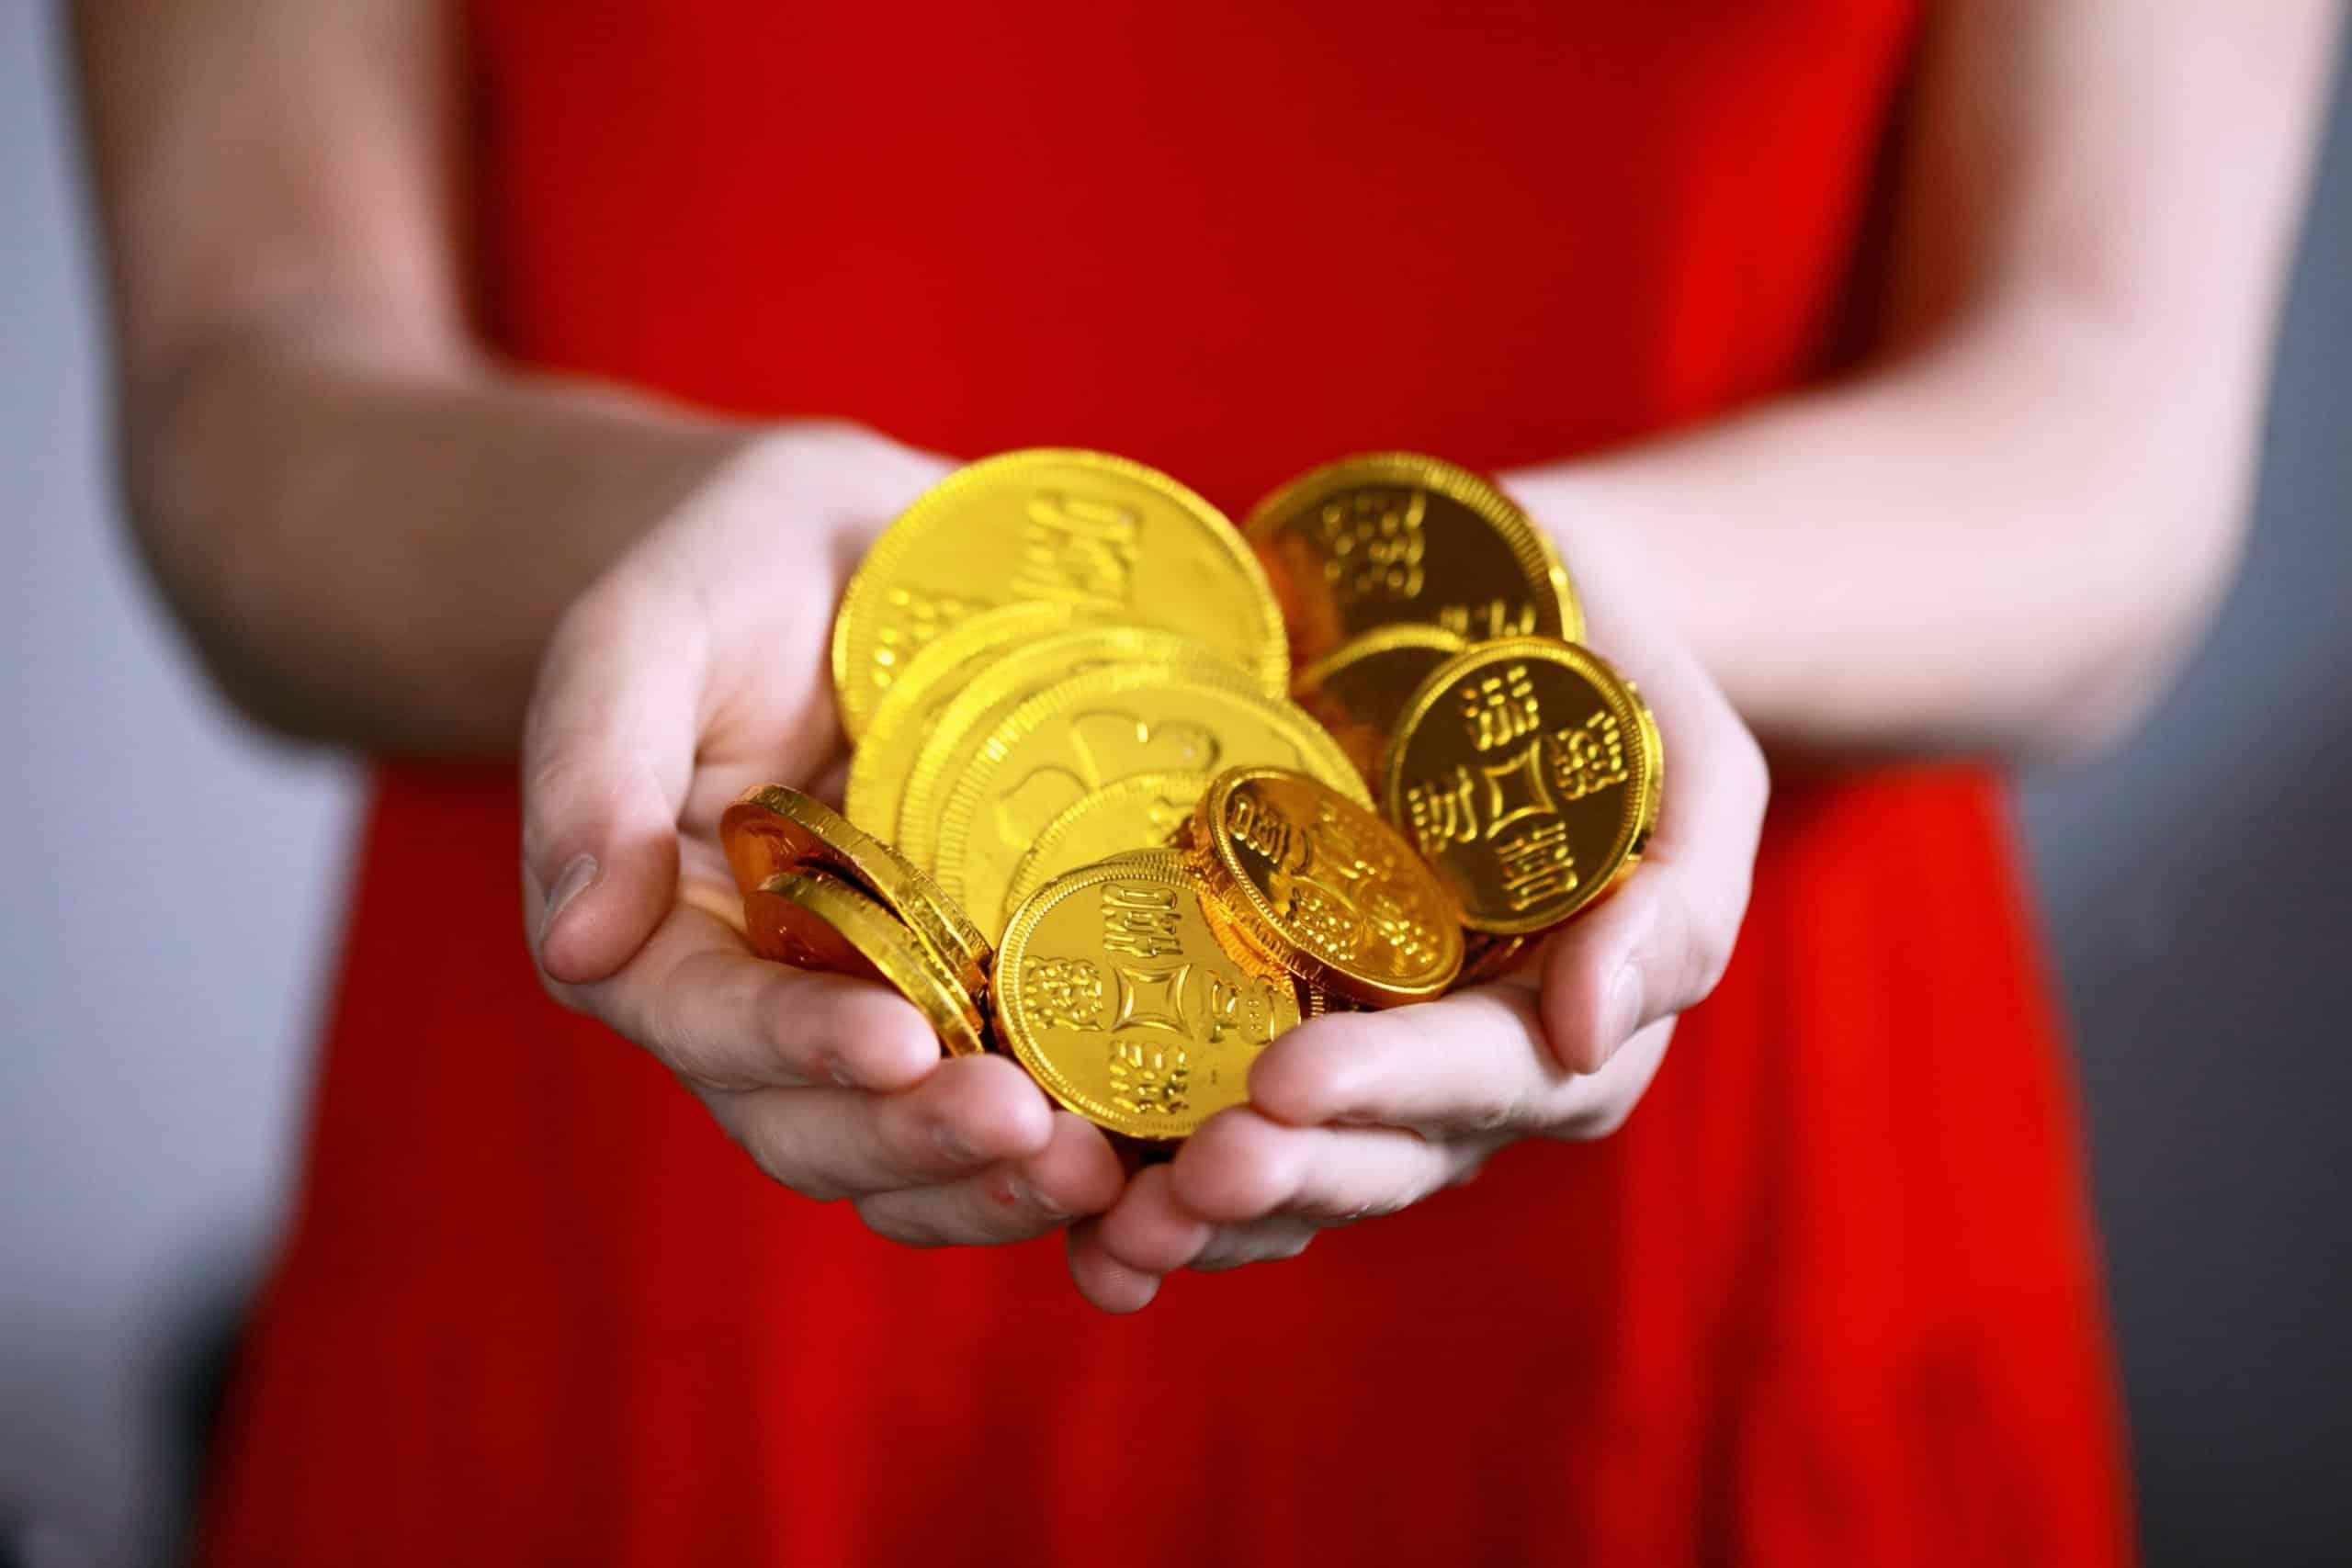 Kā Nopelnīt Naudu Ar Binārajām Opcijām Akciju Iespējas Tirdzniecības Piemēri